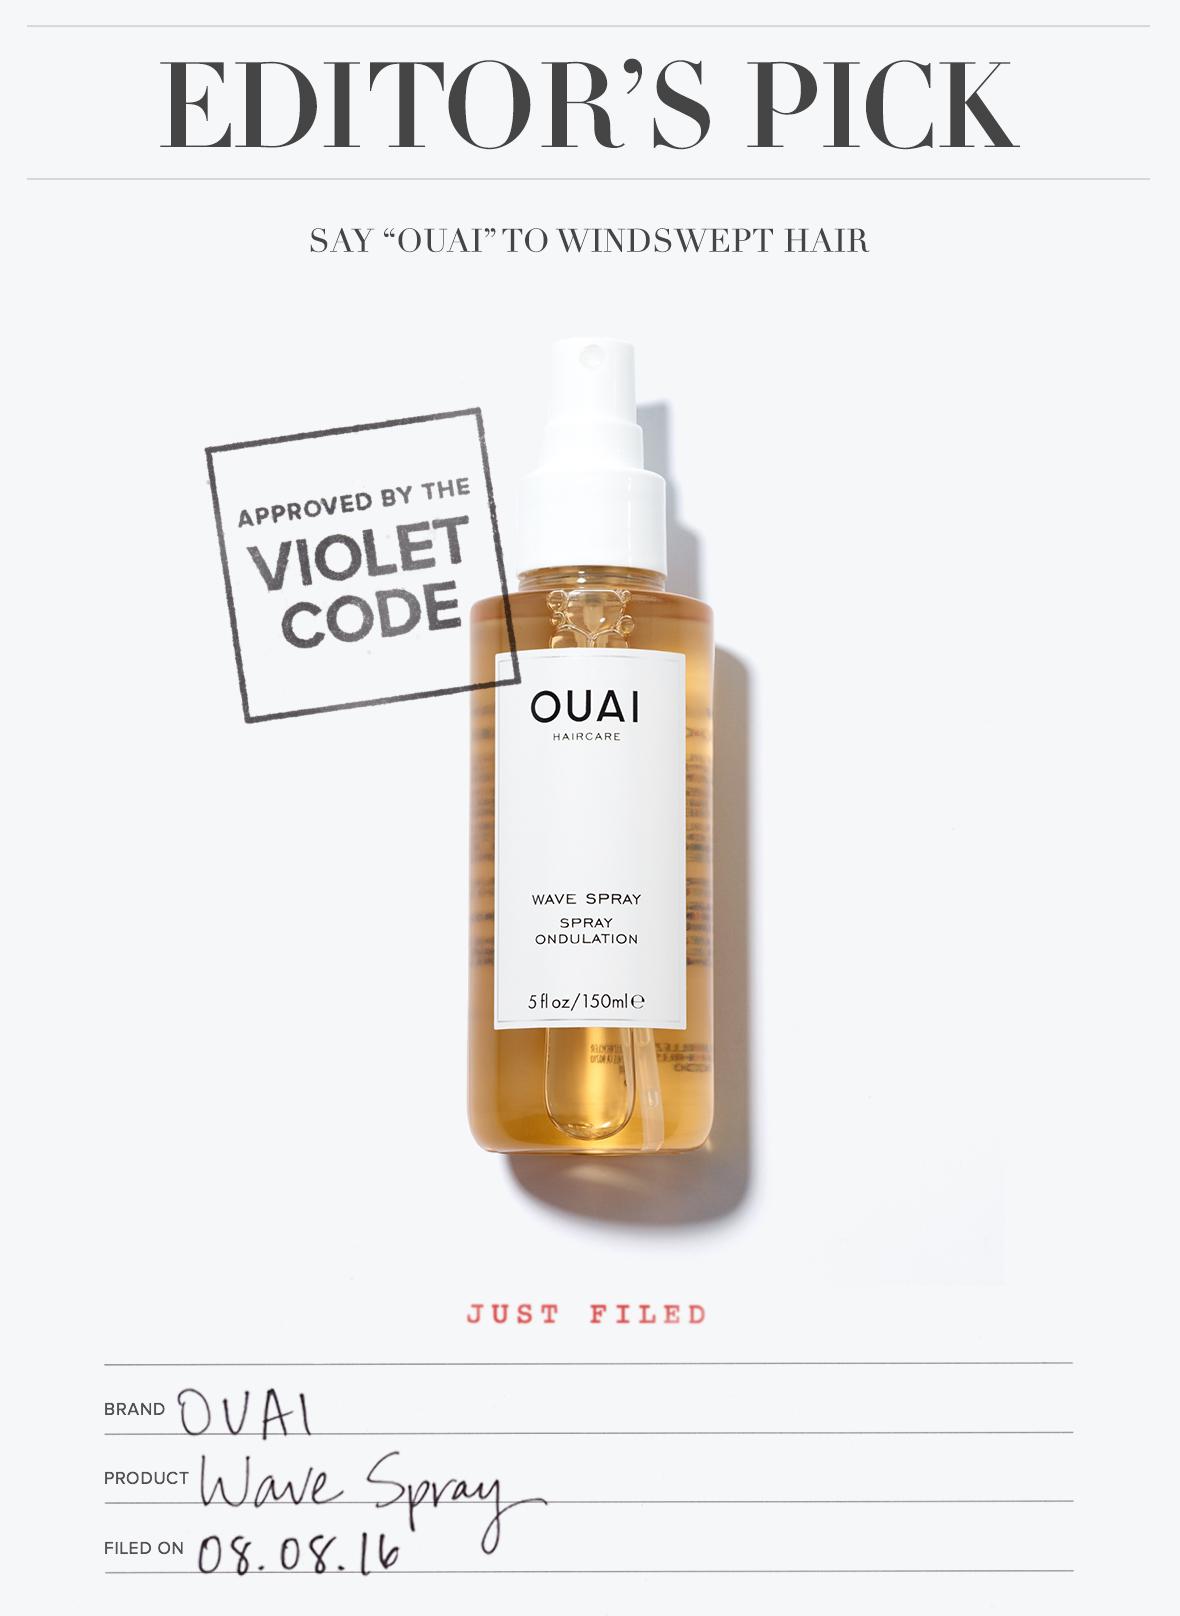 ouai-wave-spray-Email.jpg